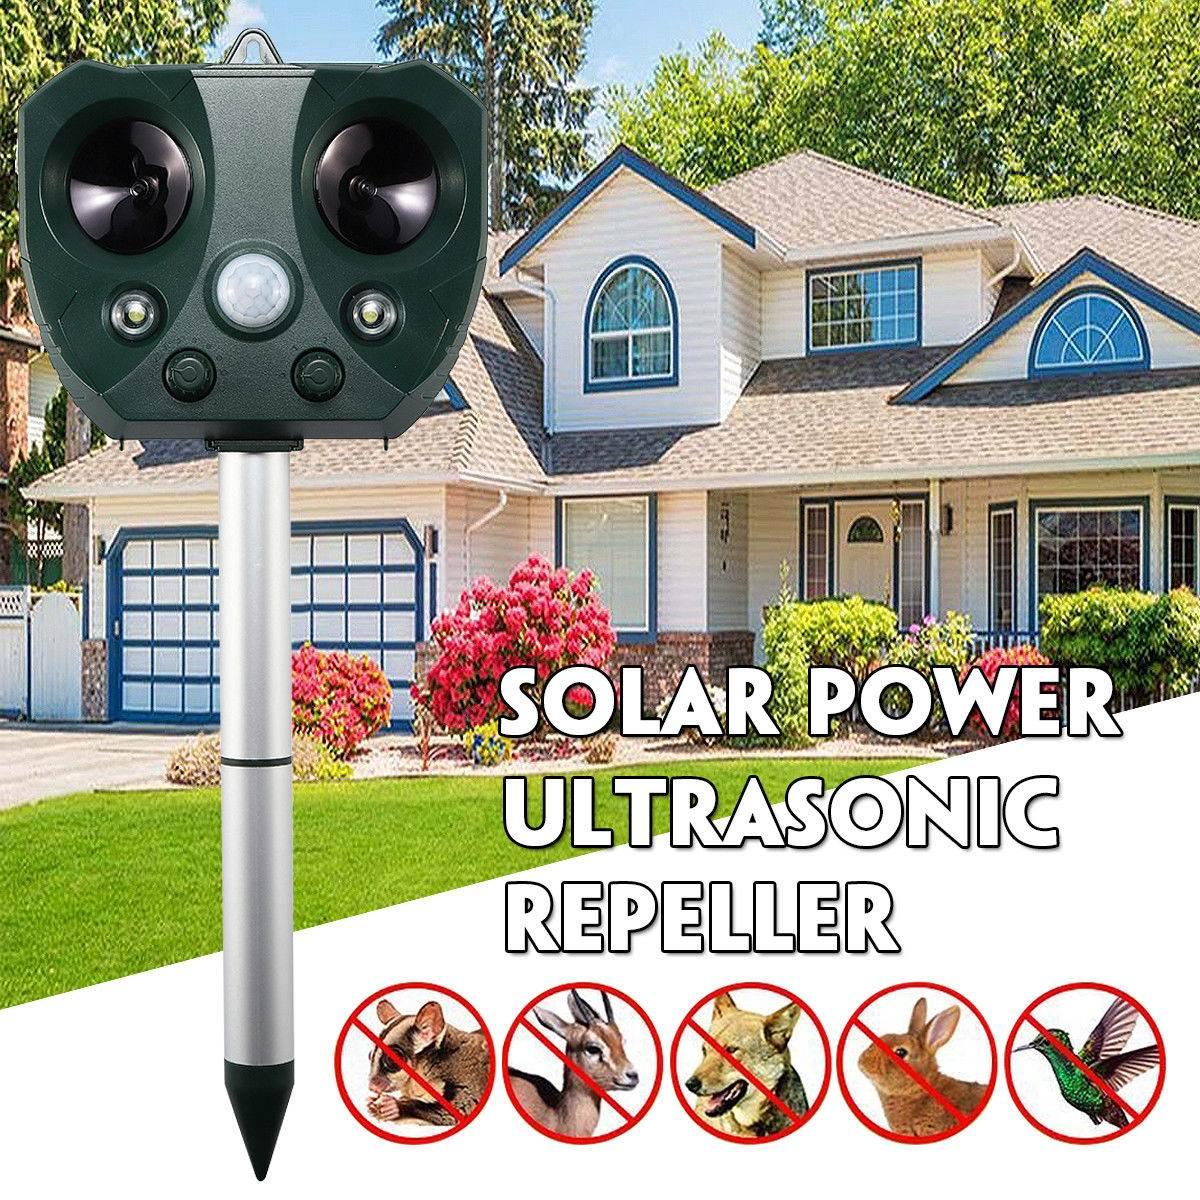 KCASA jardin répulsifs solaires souris Animal oiseau chat pet chien répulsif contrôleur activé capteur de mouvement étanche